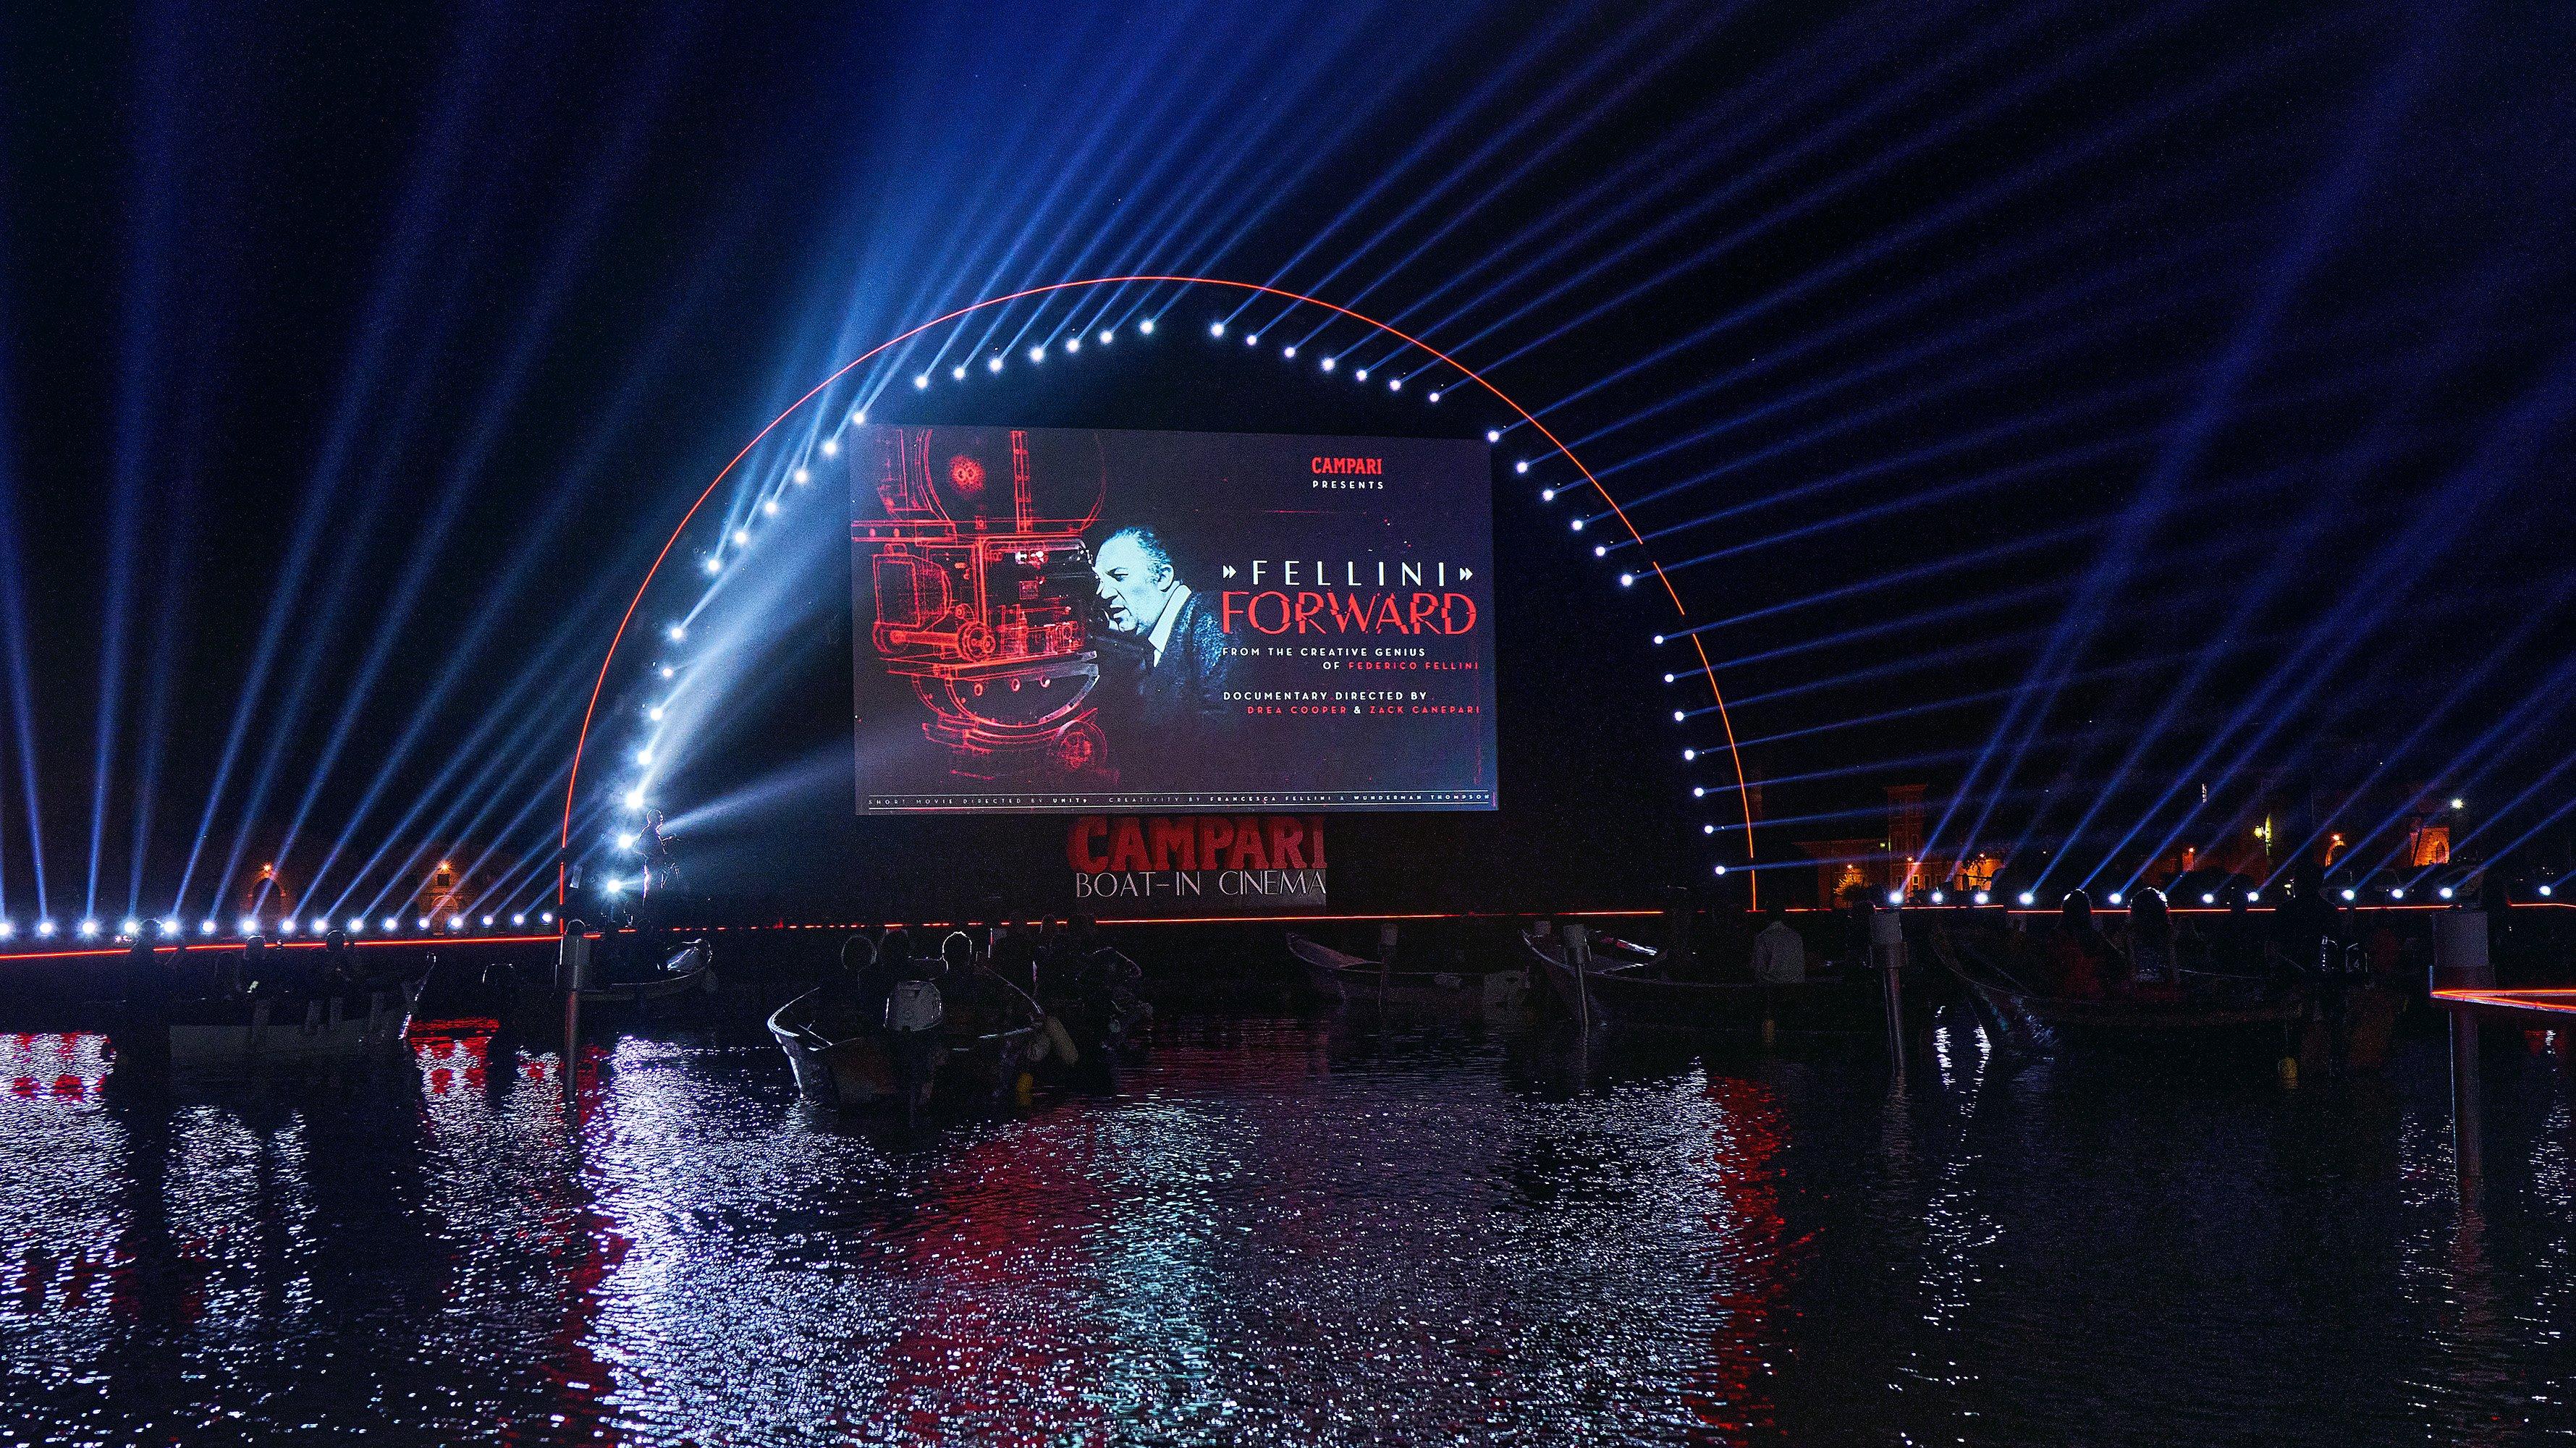 Globale Premiere von Campari Red Diaries 2021: Fellini Forward bei Campari Boat-in Cinema im Rahmen der 78. Internationalen Filmfestspiele von Venedig Bildrechte: Campari Deutschland GmbH Fotograf: Campari